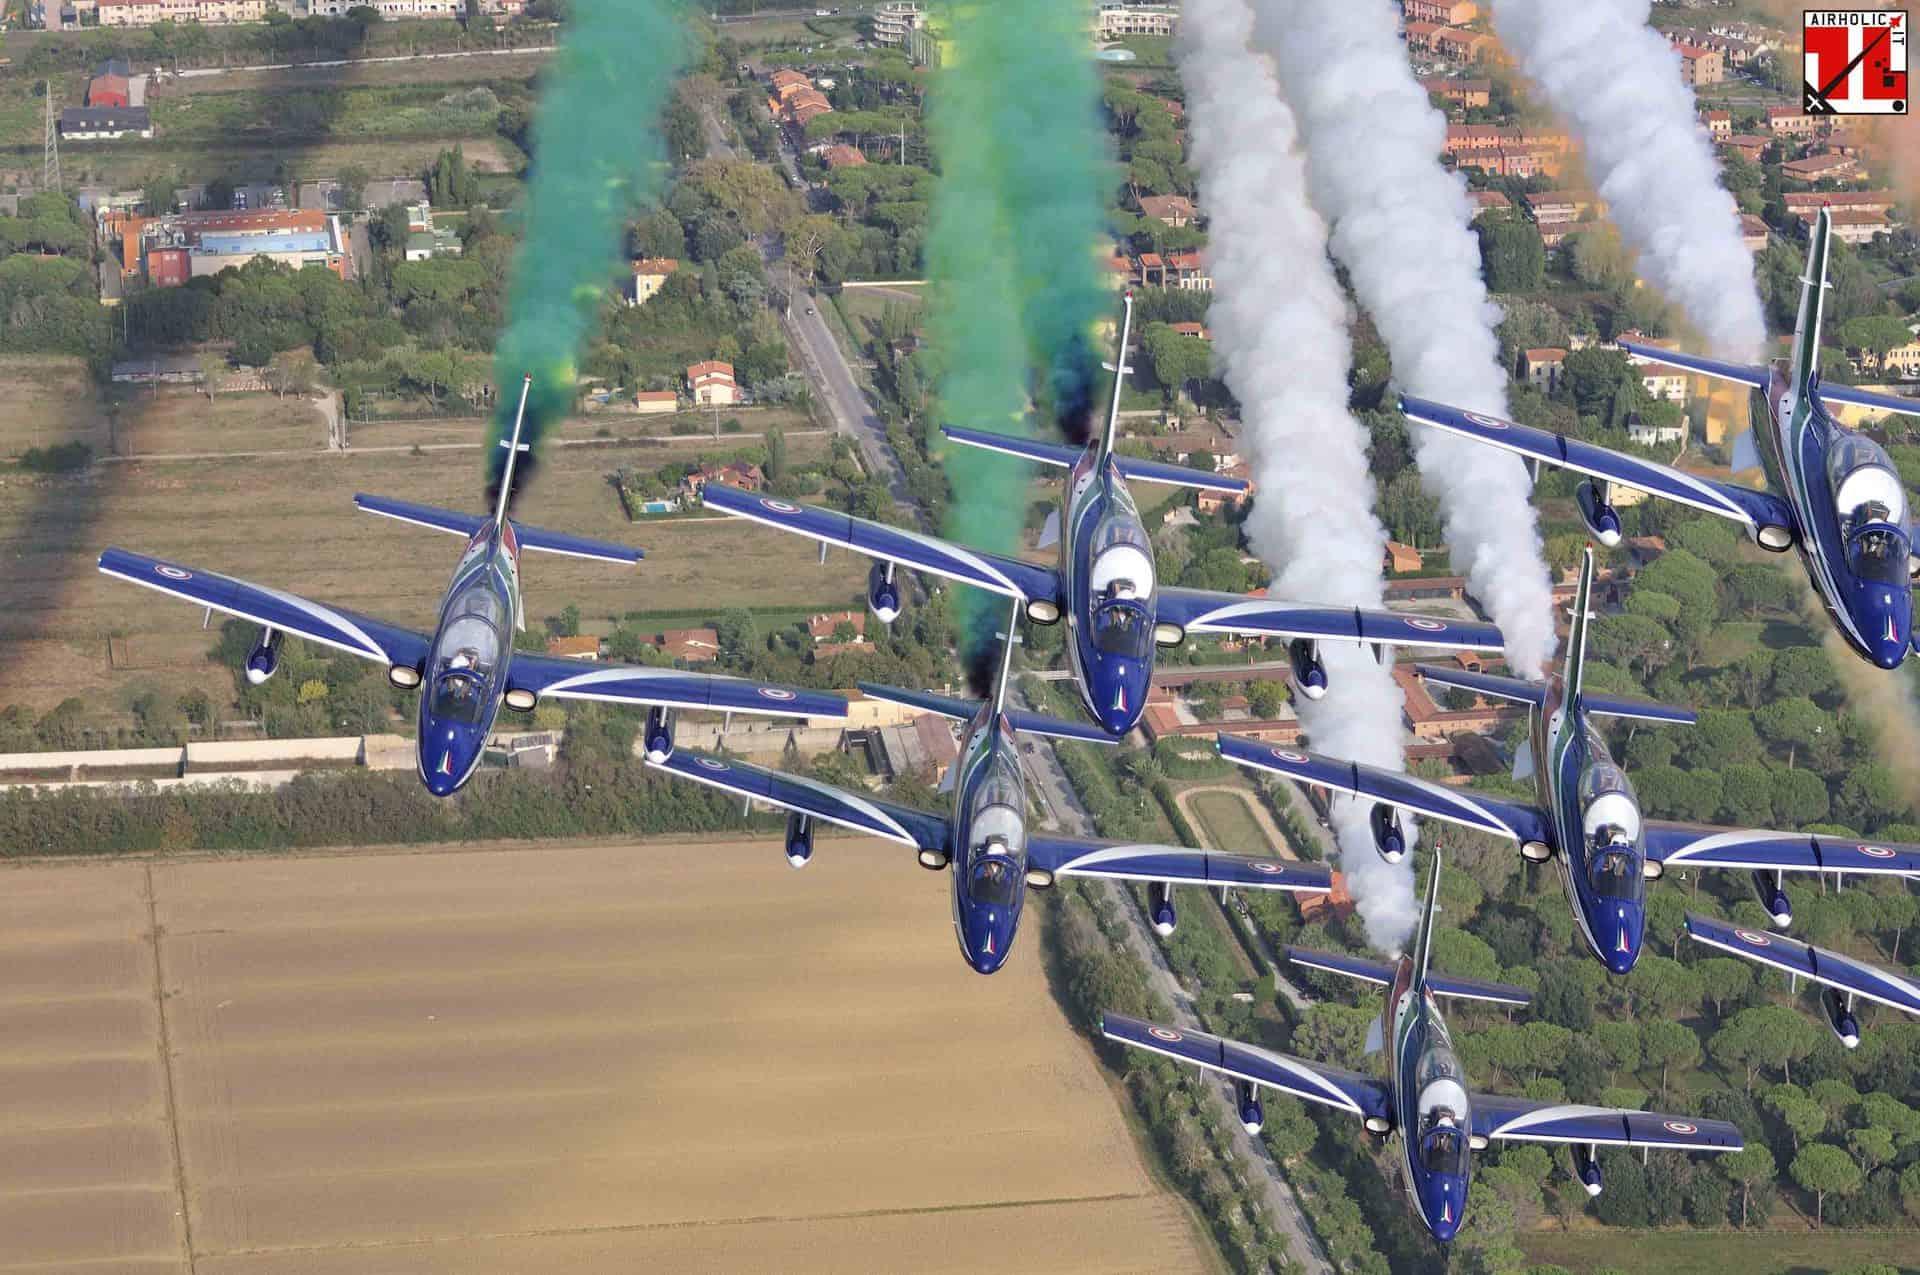 CALENDARIO MANIFESTAZIONI FRECCE TRICOLORI 2020   Airholic.it